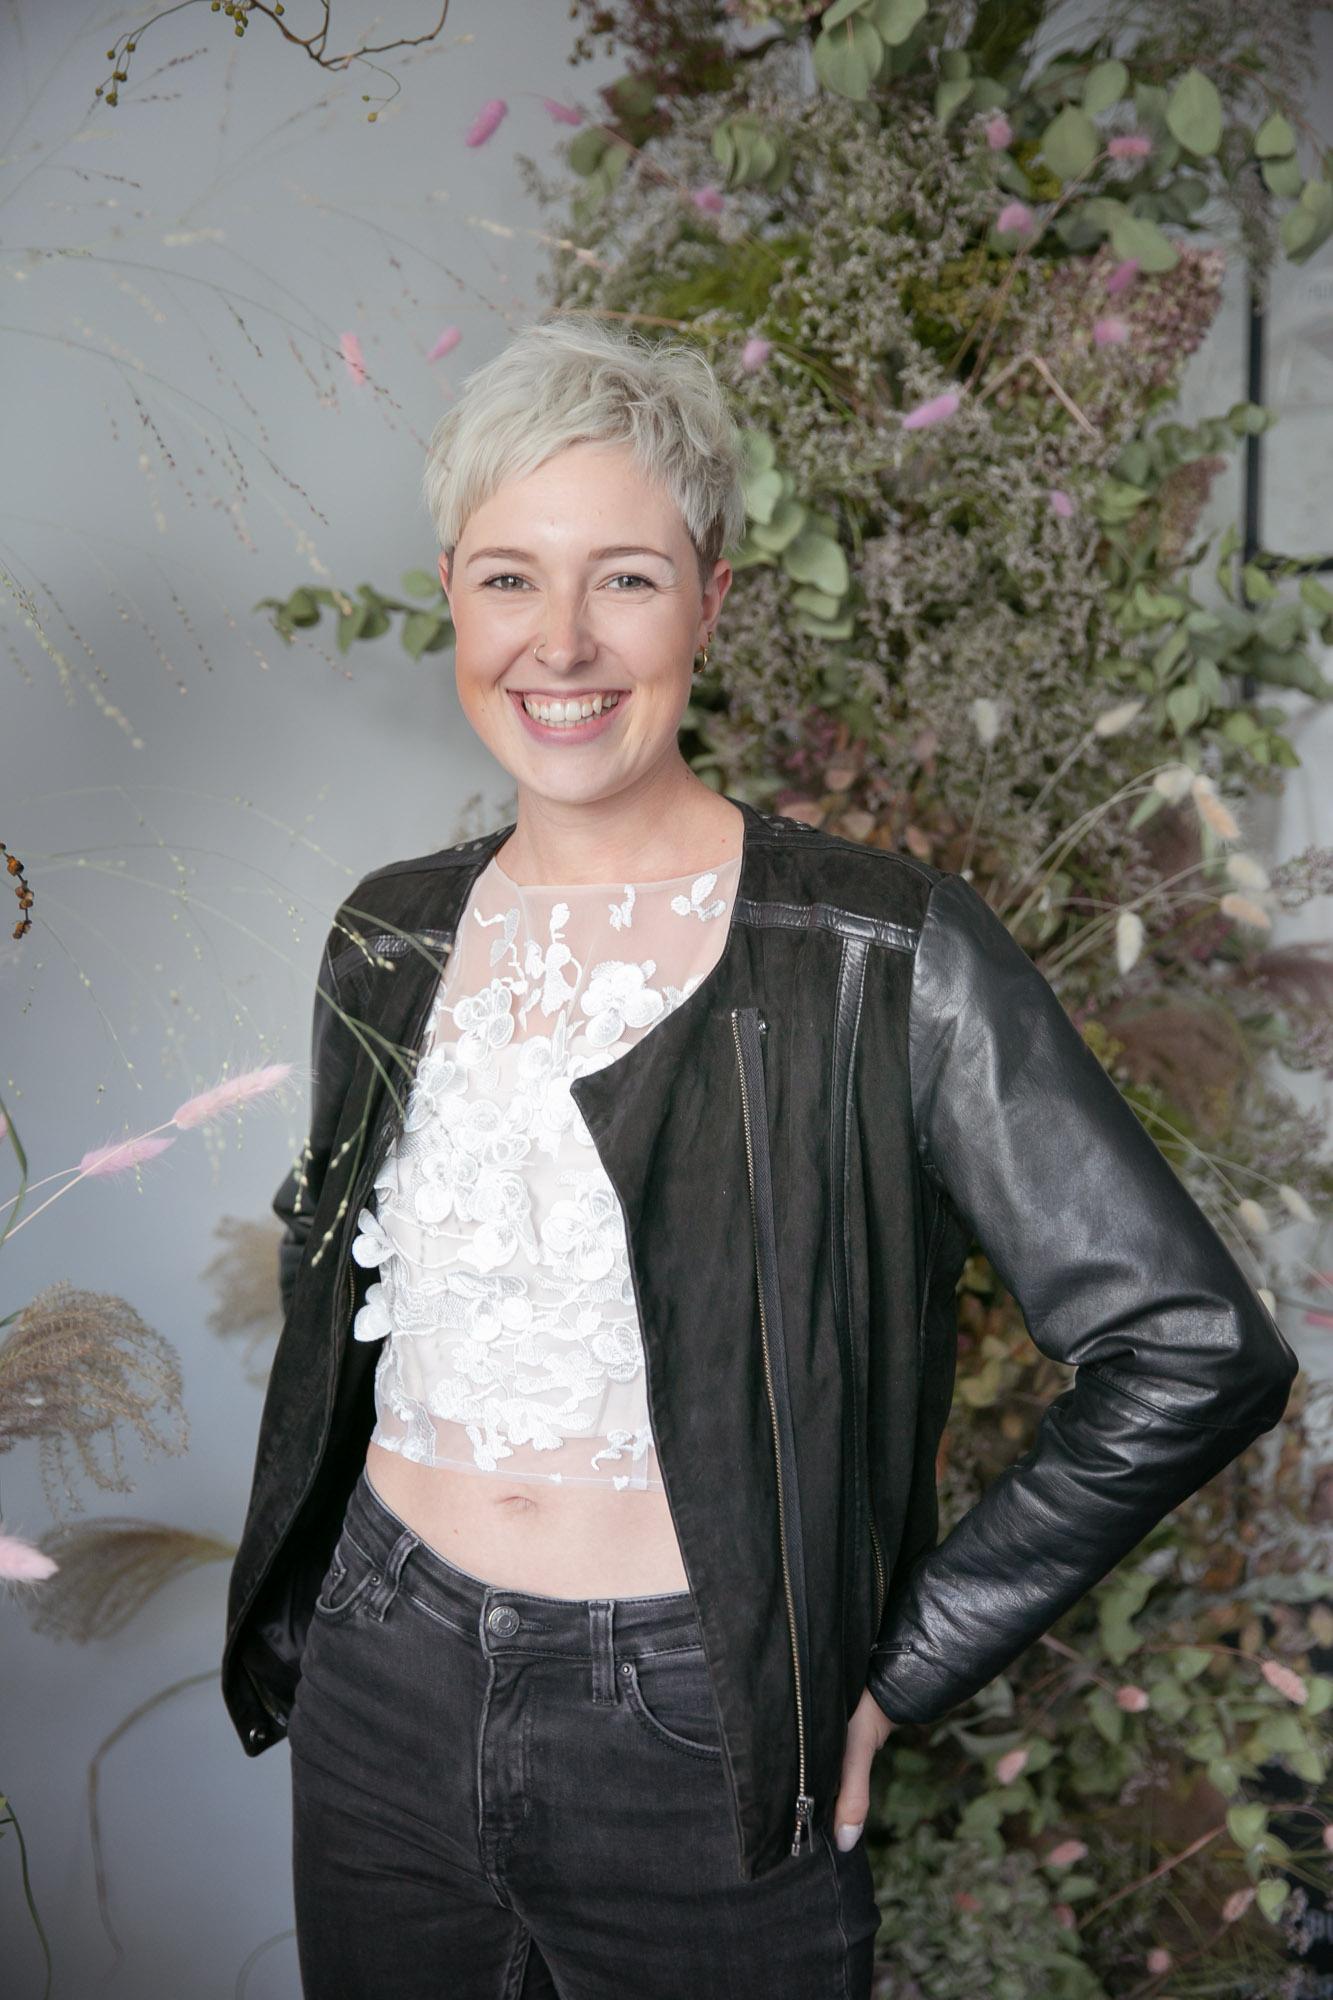 noni Brautkleider,m Brauttop mit 3D-Blüten-Stickerei und schwarzer Bikerjacke